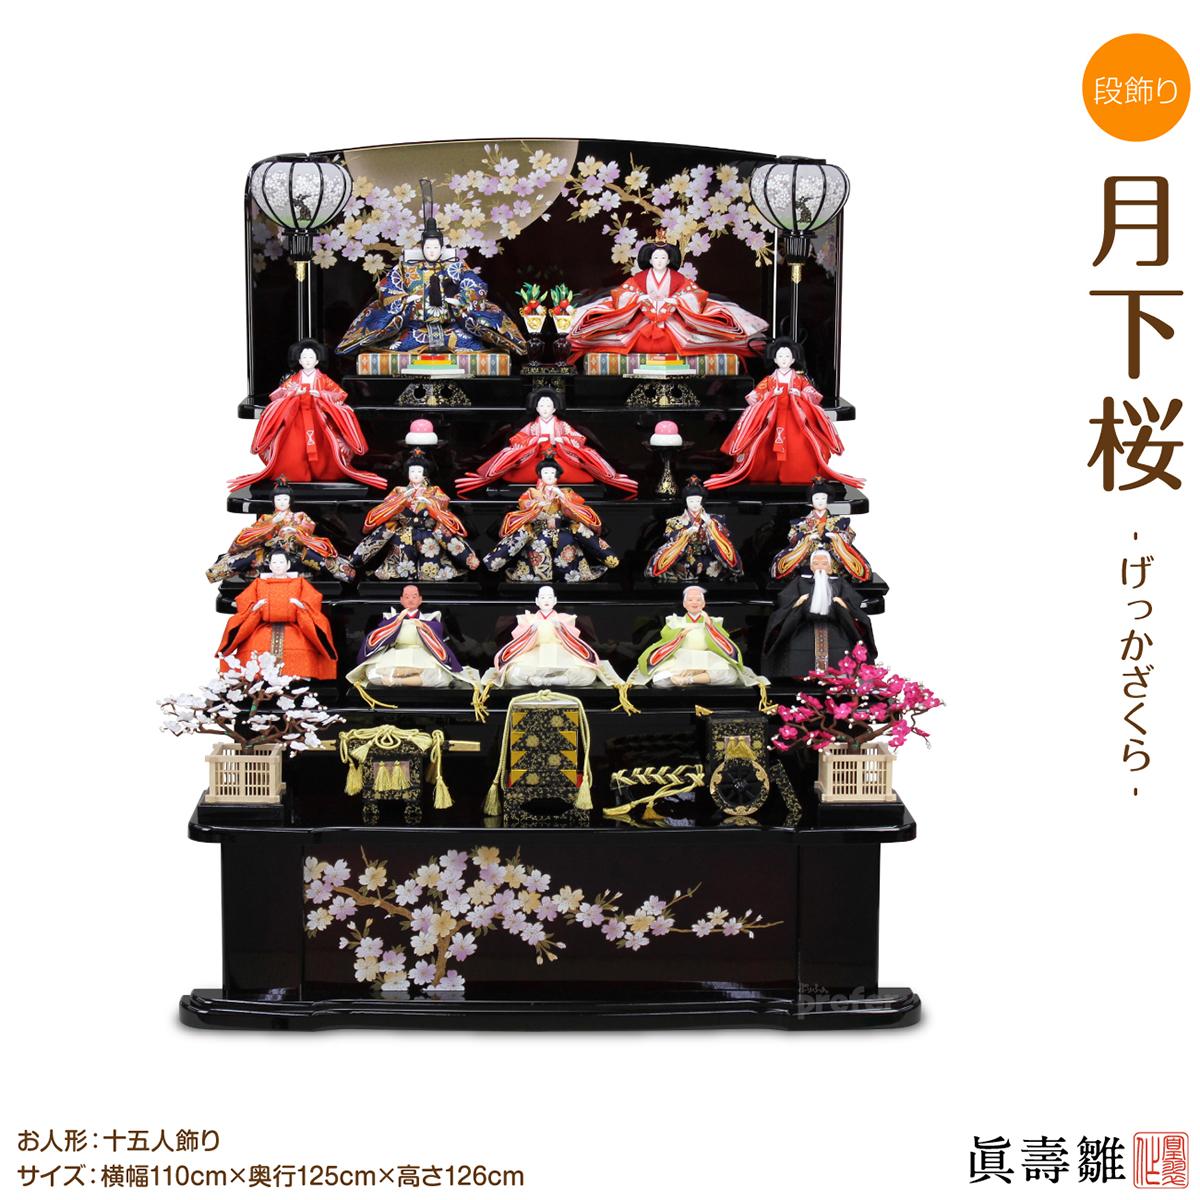 雛人形 ひな人形 眞壽雛 月下桜(げっかざくら) 五段 段飾り おひな様 ひな祭り